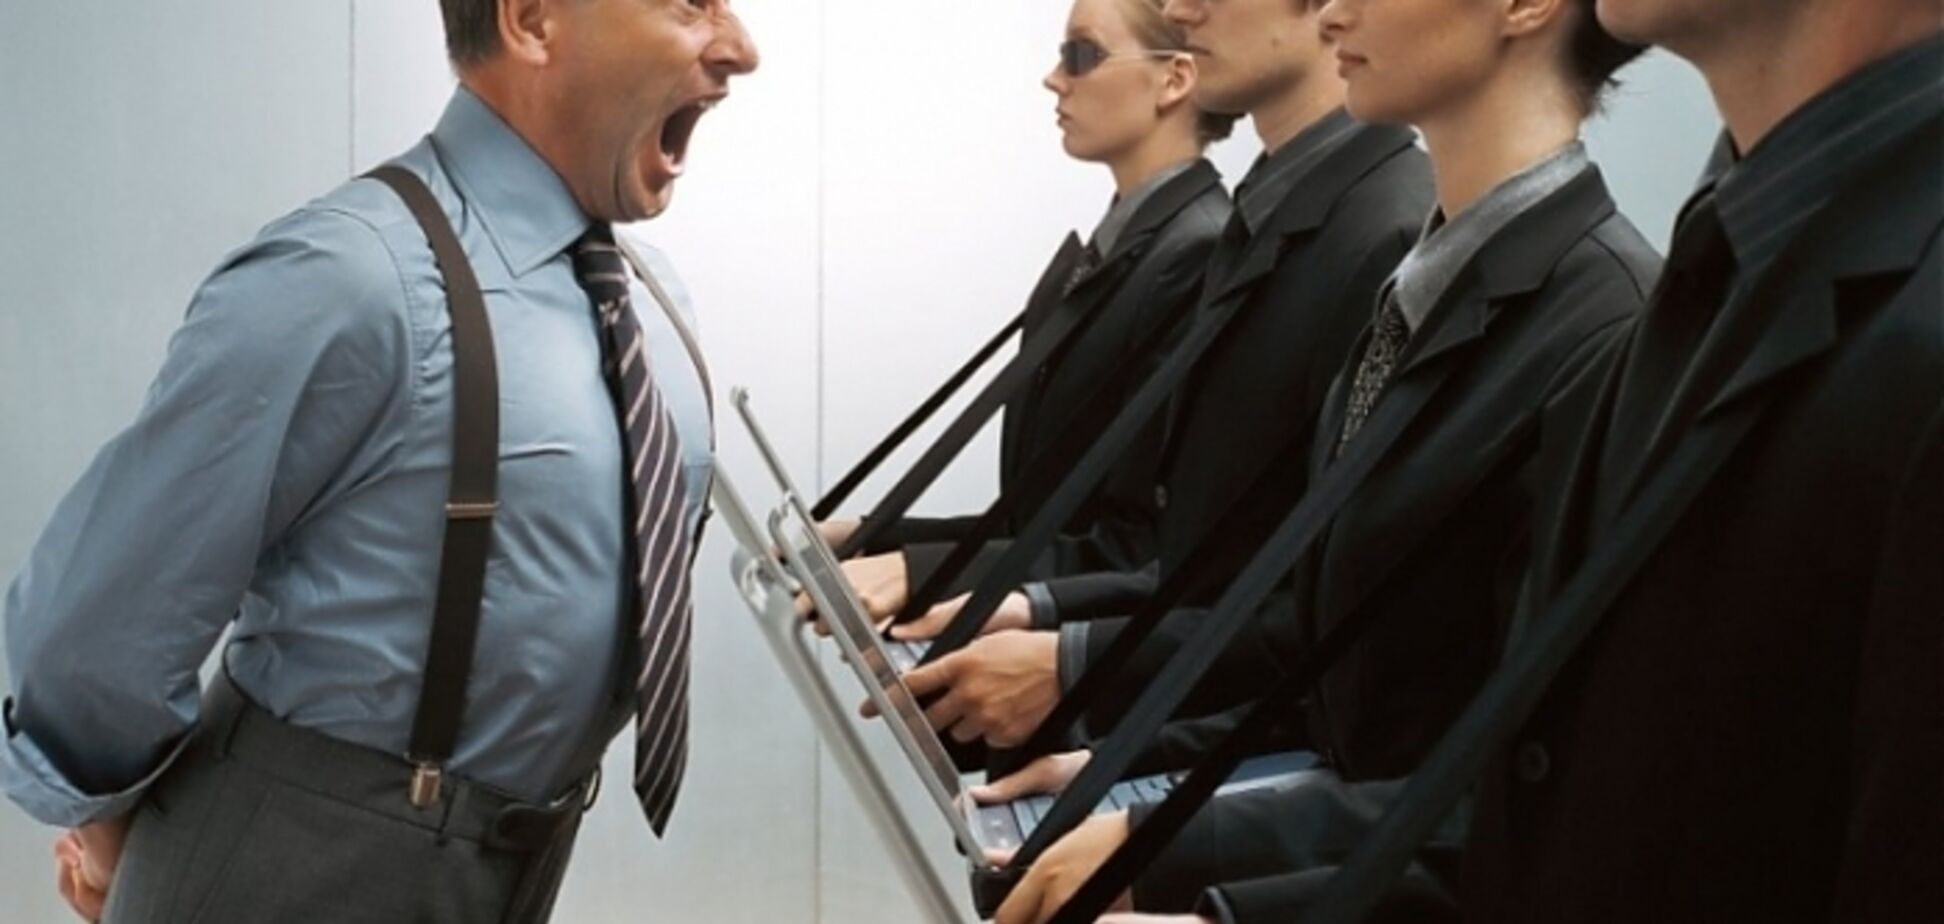 Токсичные отношения на работе, или Как с умом отстаивать свои интересы